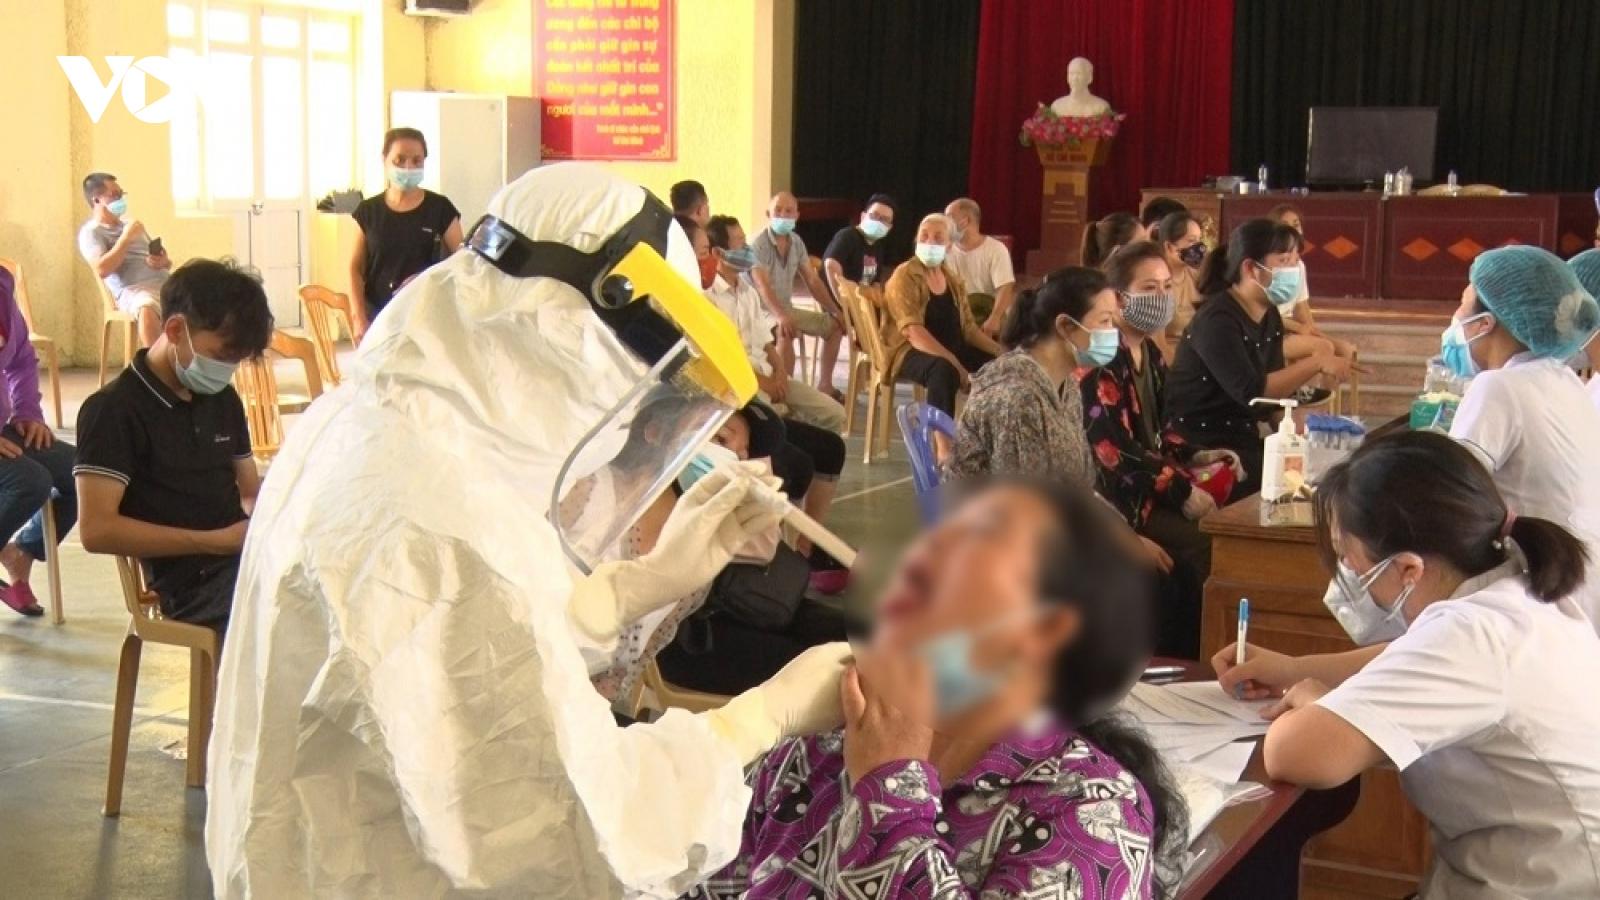 Chuyển bệnh nhân mắc Covid-19 ở Lào Cai tới Bệnh viện Bệnh Nhiệt đới Trung ương